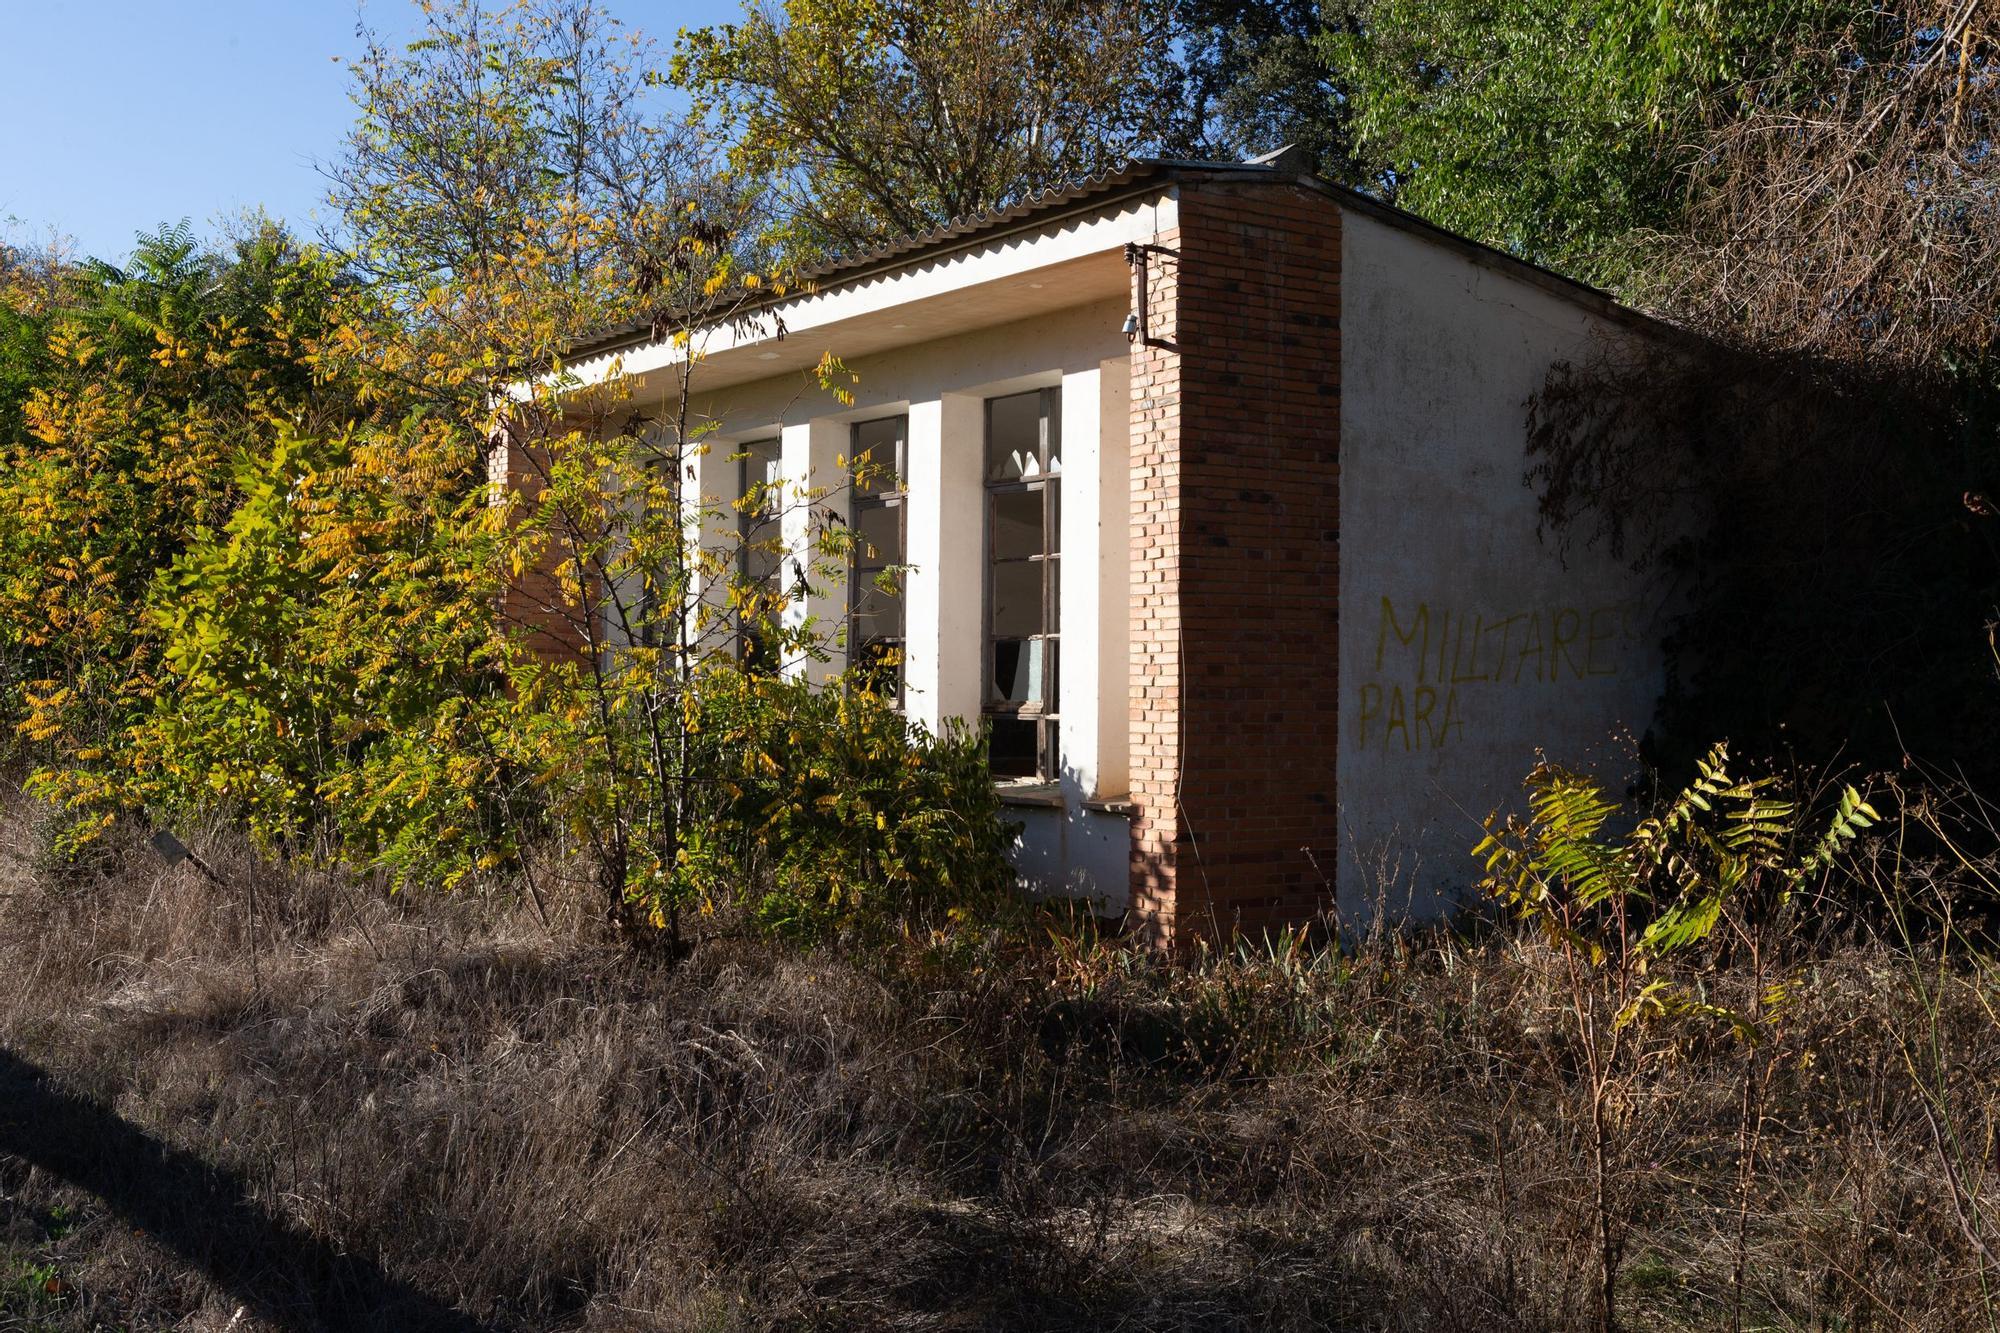 GALERÍA | El cuartel militar de Monte la Reina en Toro, Zamora